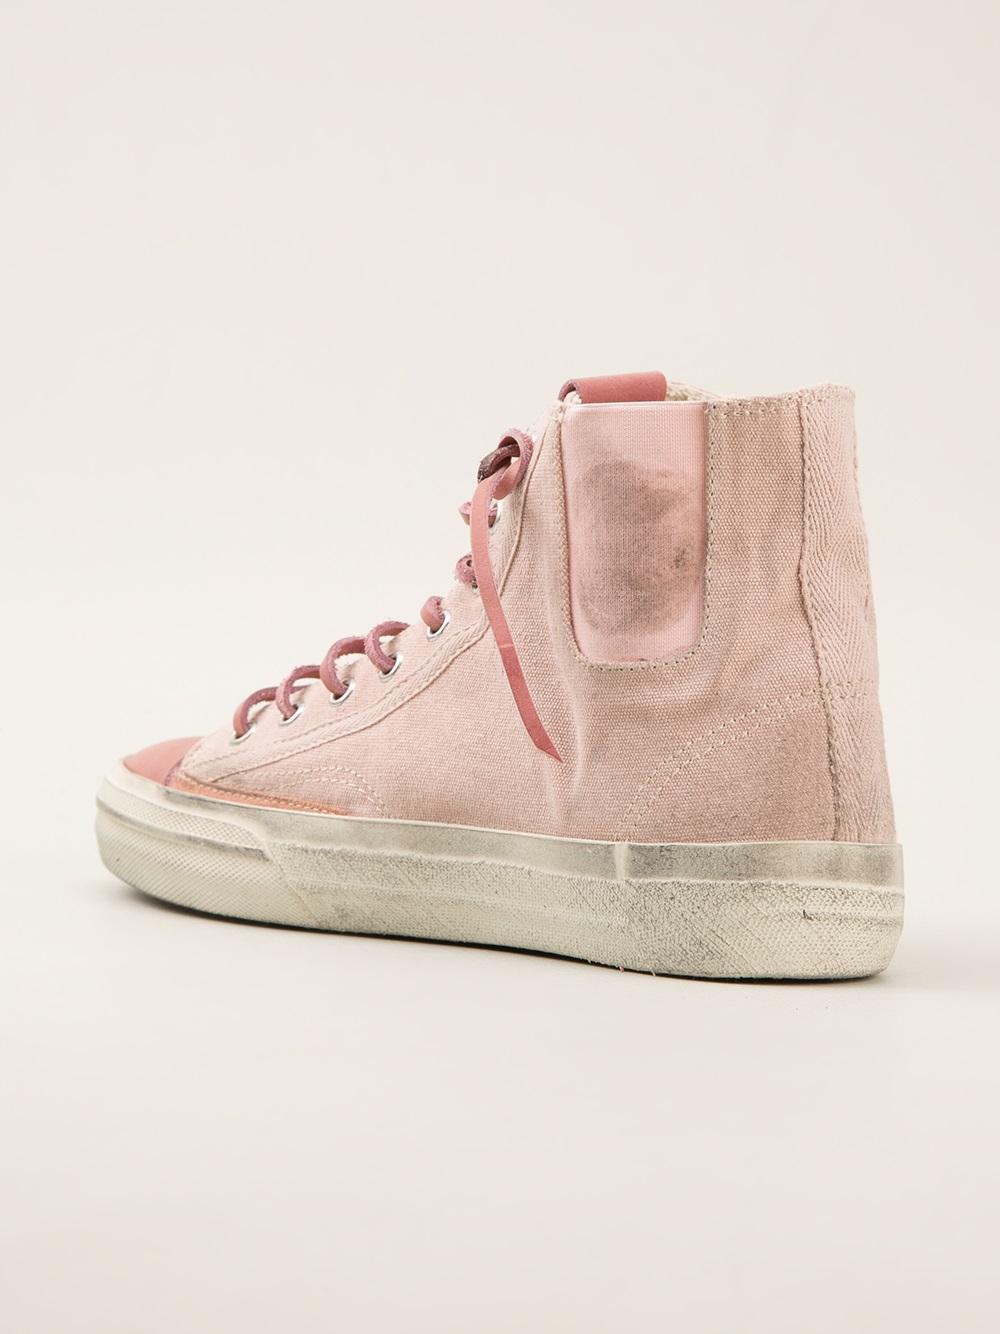 Golden Goose Deluxe Brand Vstar Hitop Sneakers In Pink Lyst